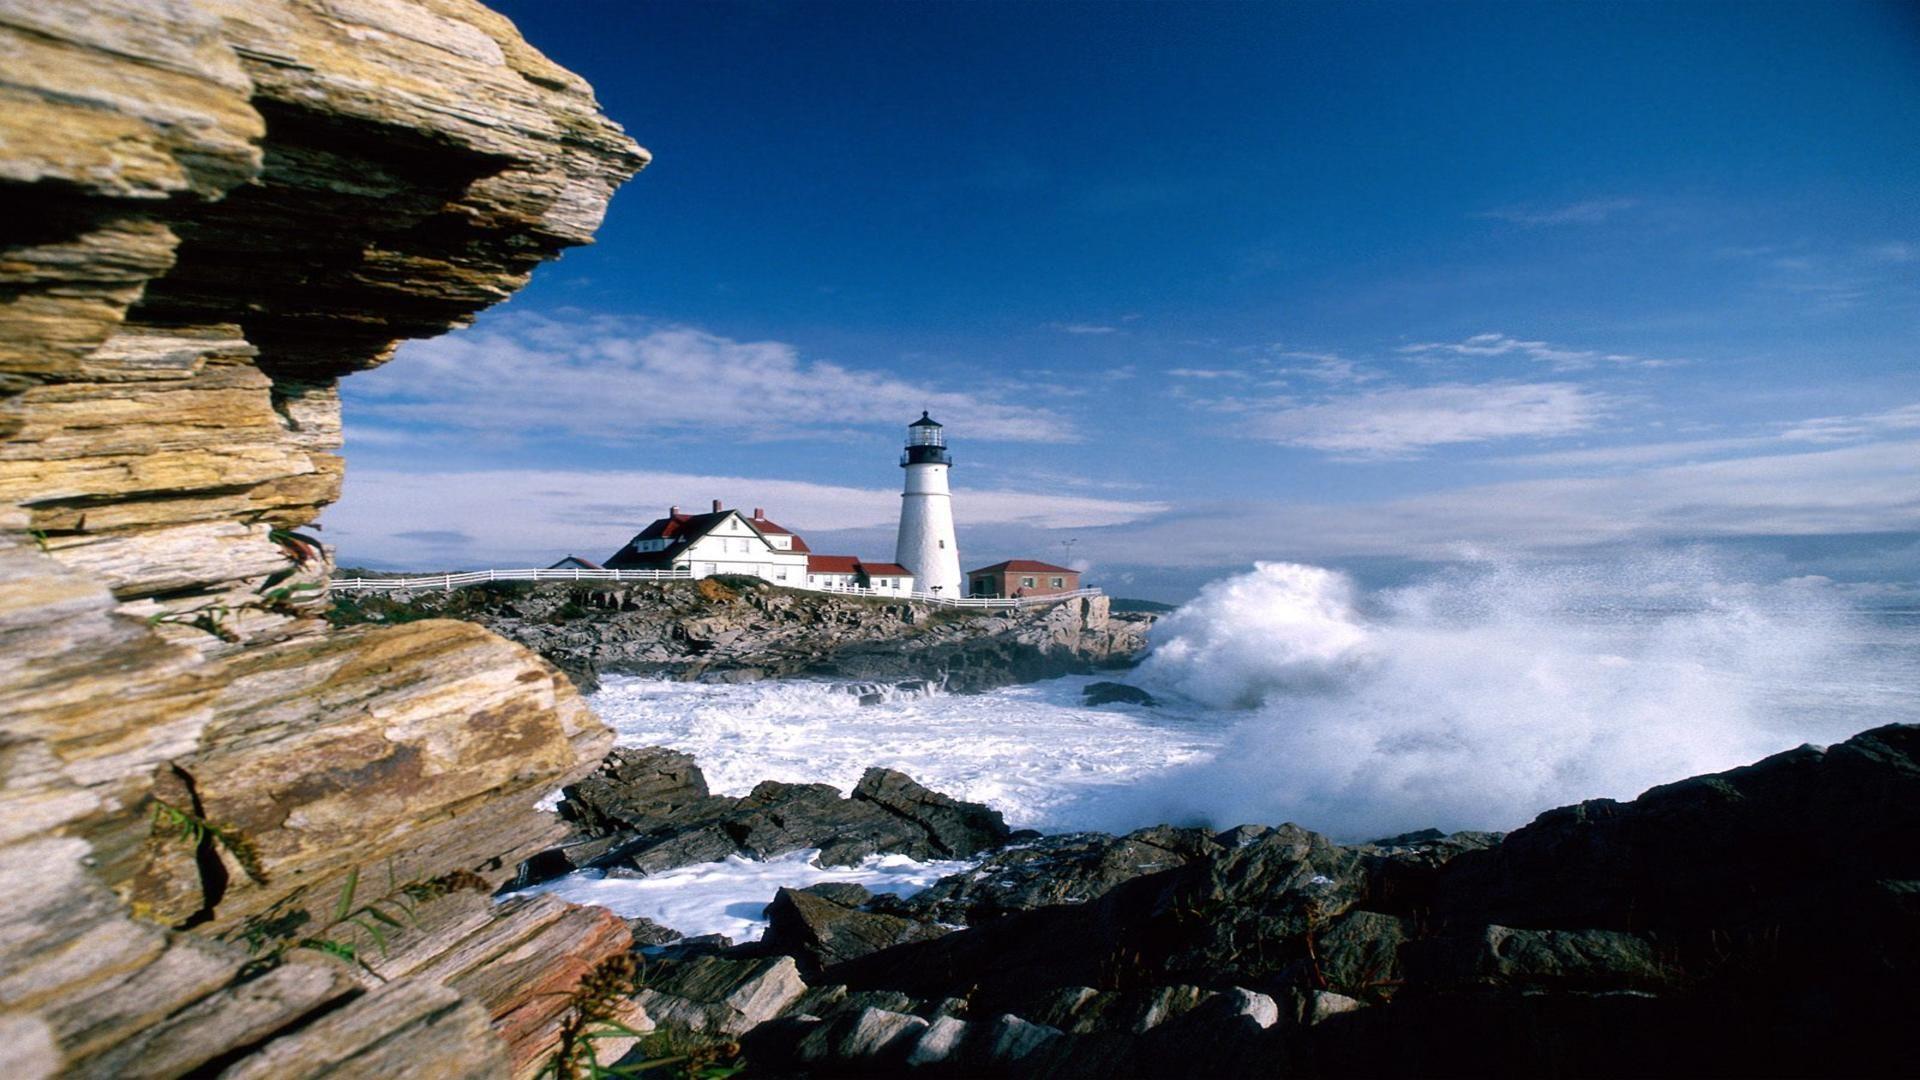 lighthouse wallpaper desktop - photo #8